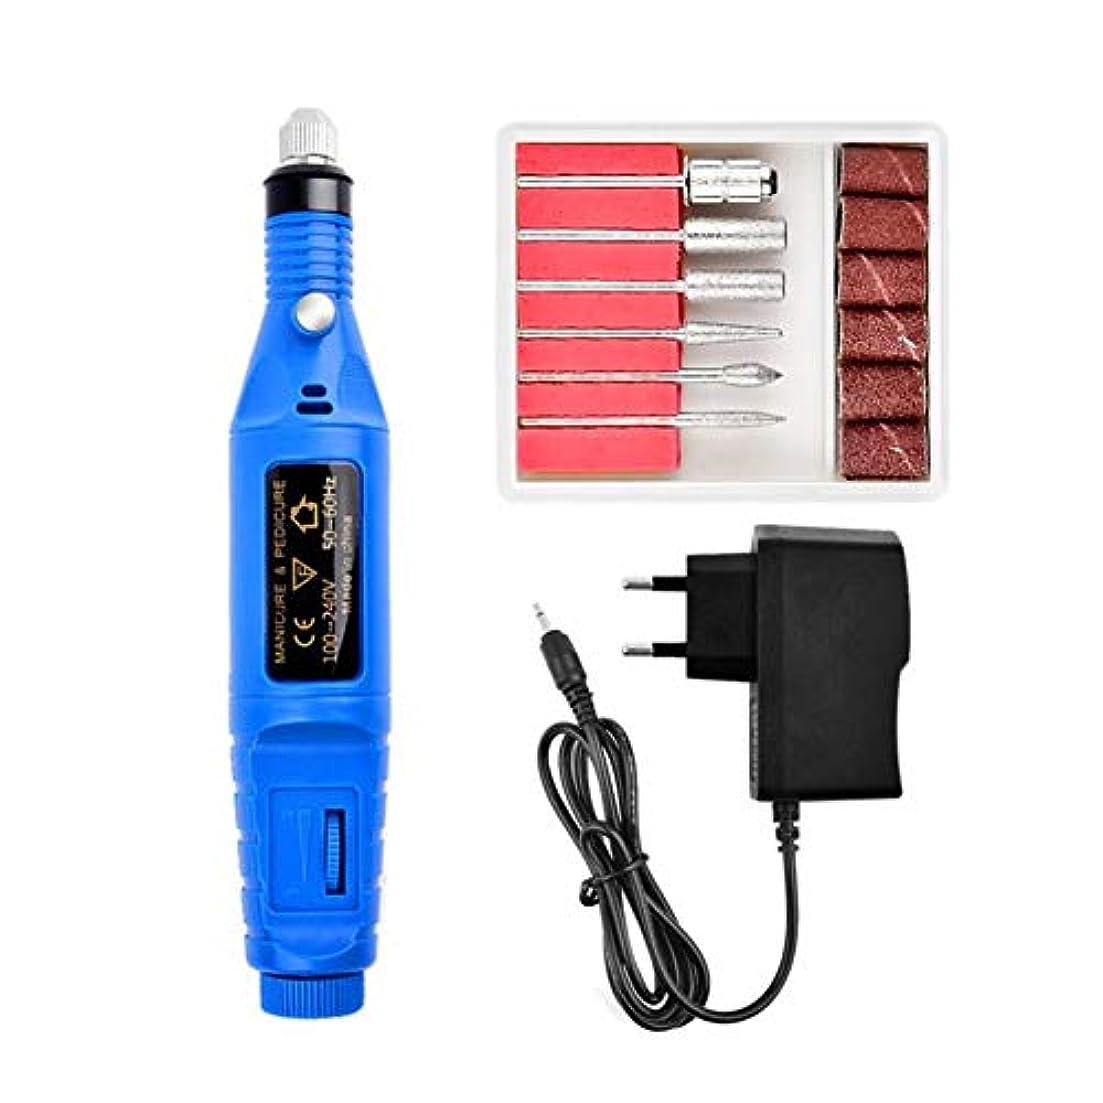 常識等コントラストネイルリムーバーペディキュアツールネイル用品青EUプラグのスタイルを充電する電動ネイルドリルペン形状の爪ミニ